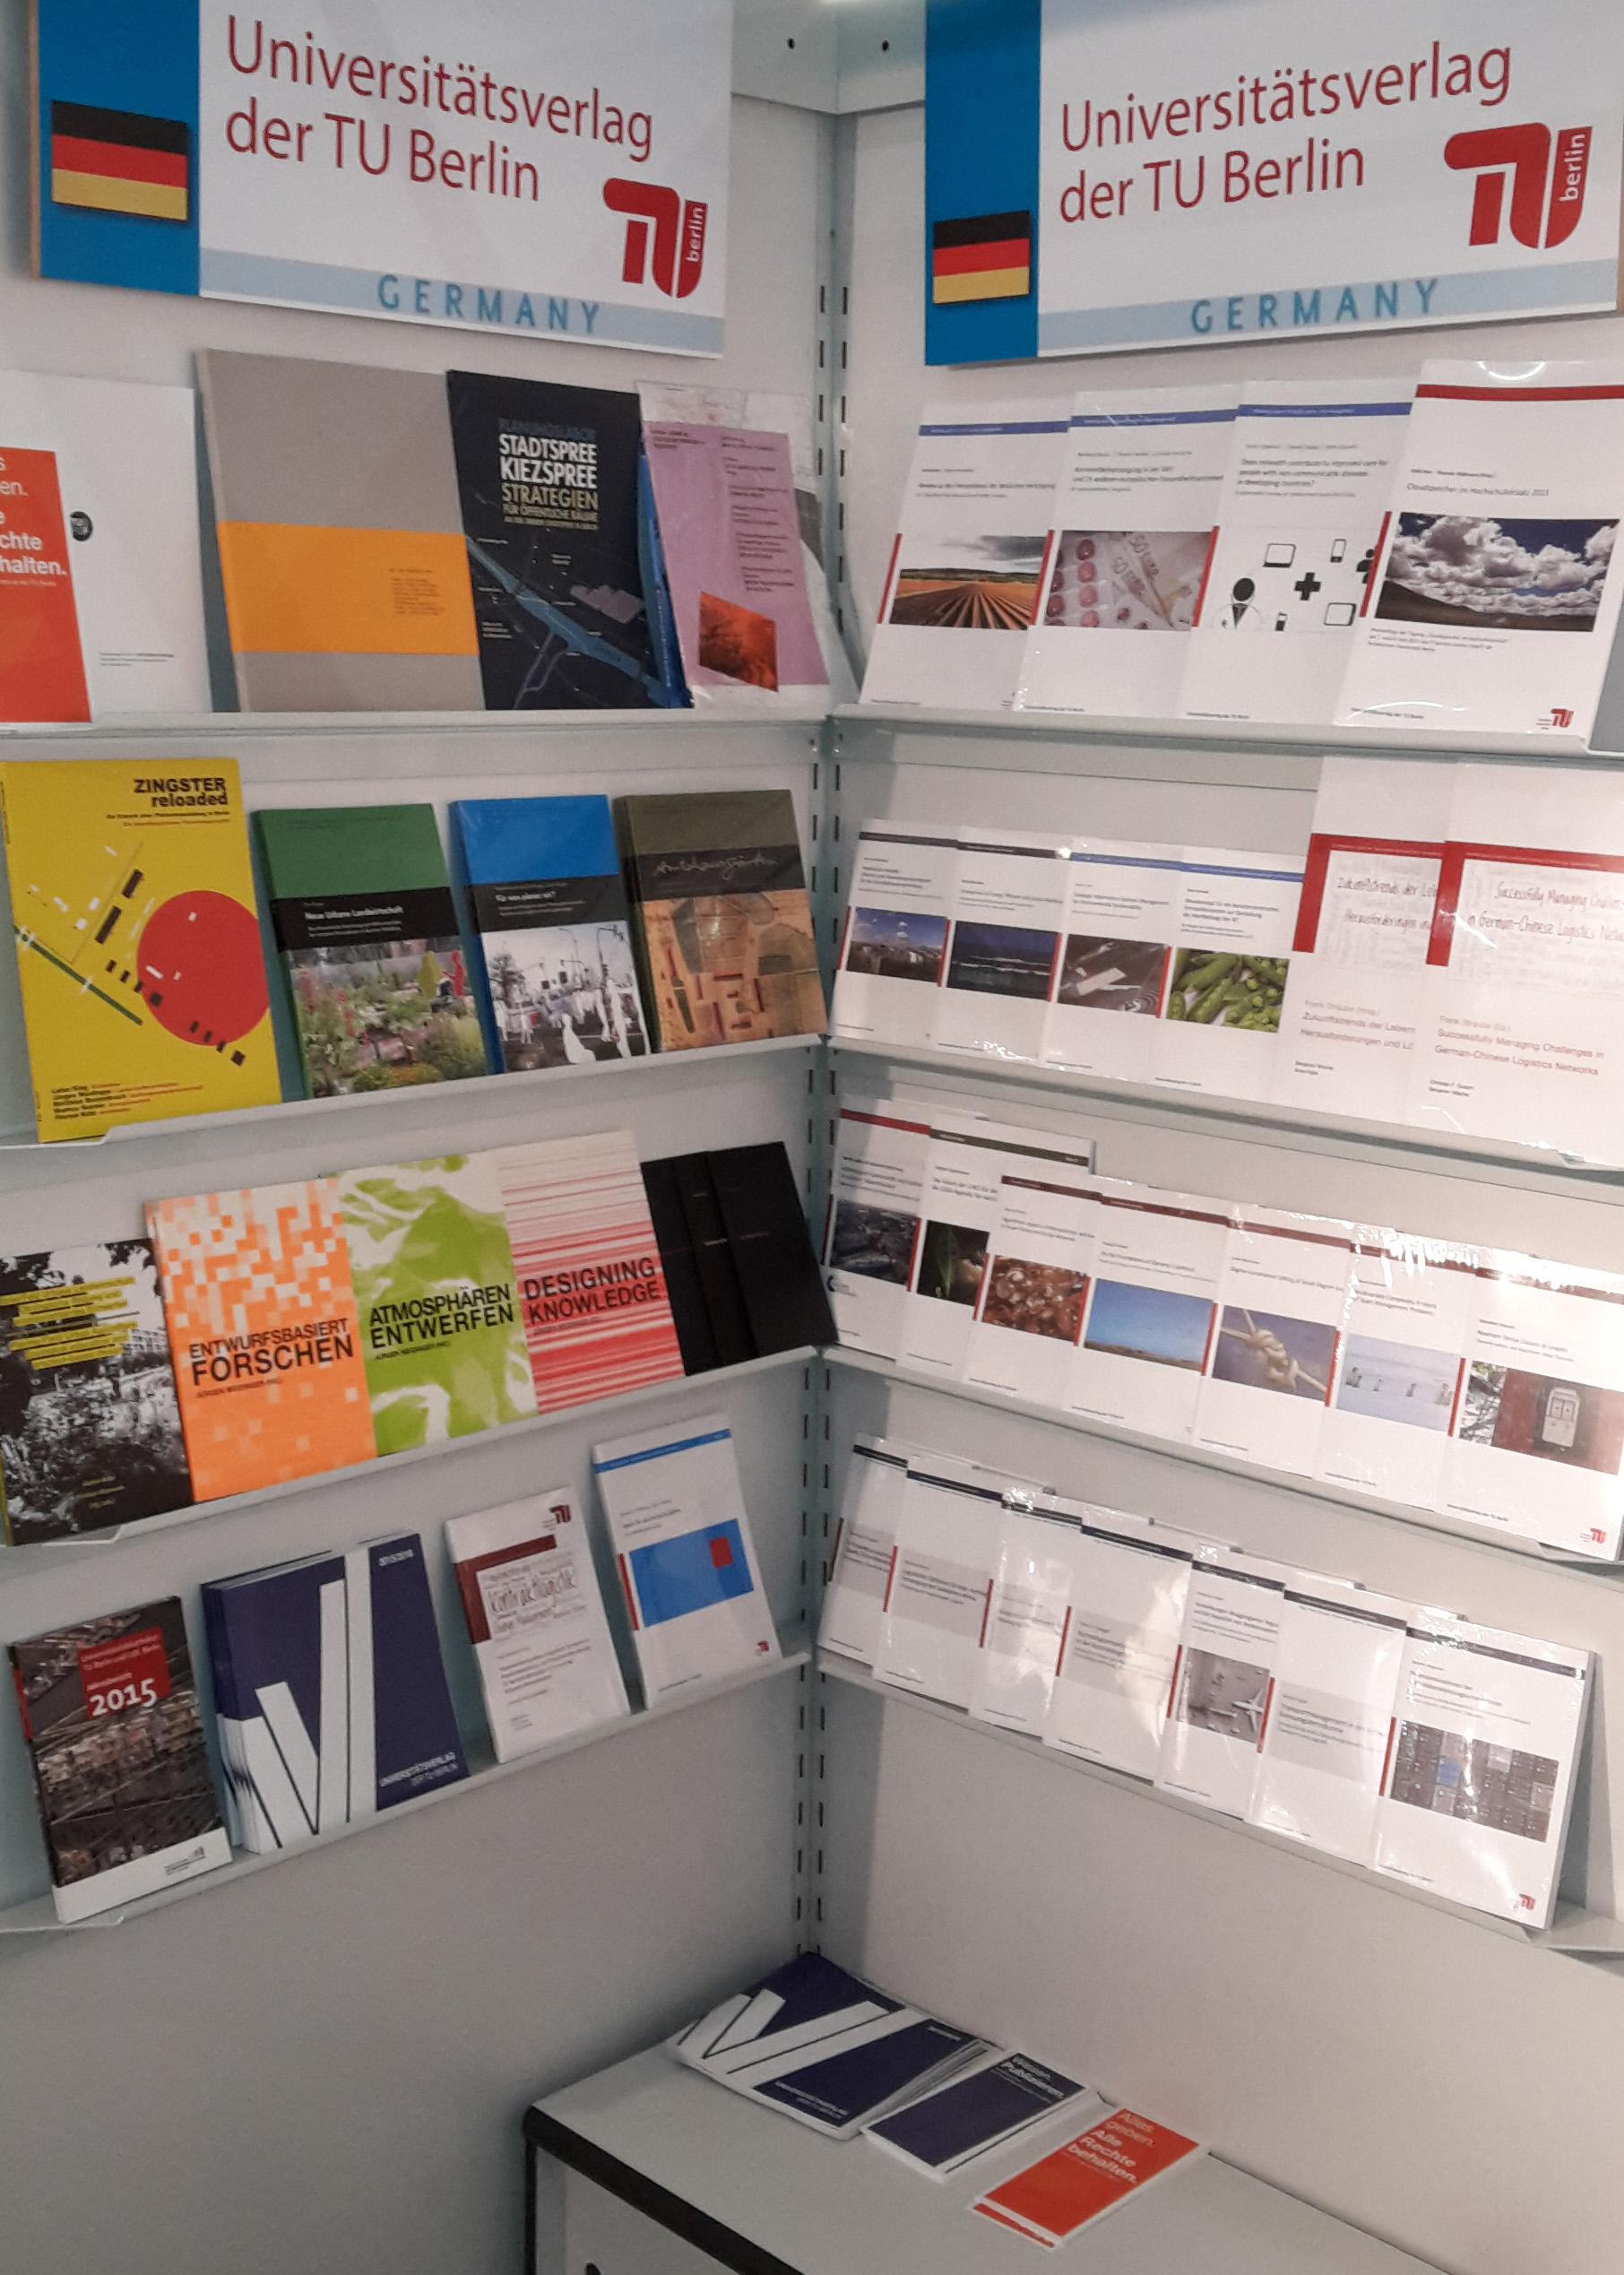 Universitätsverlag der TU Berlin auf der Frankfurter Buchmesse 2016